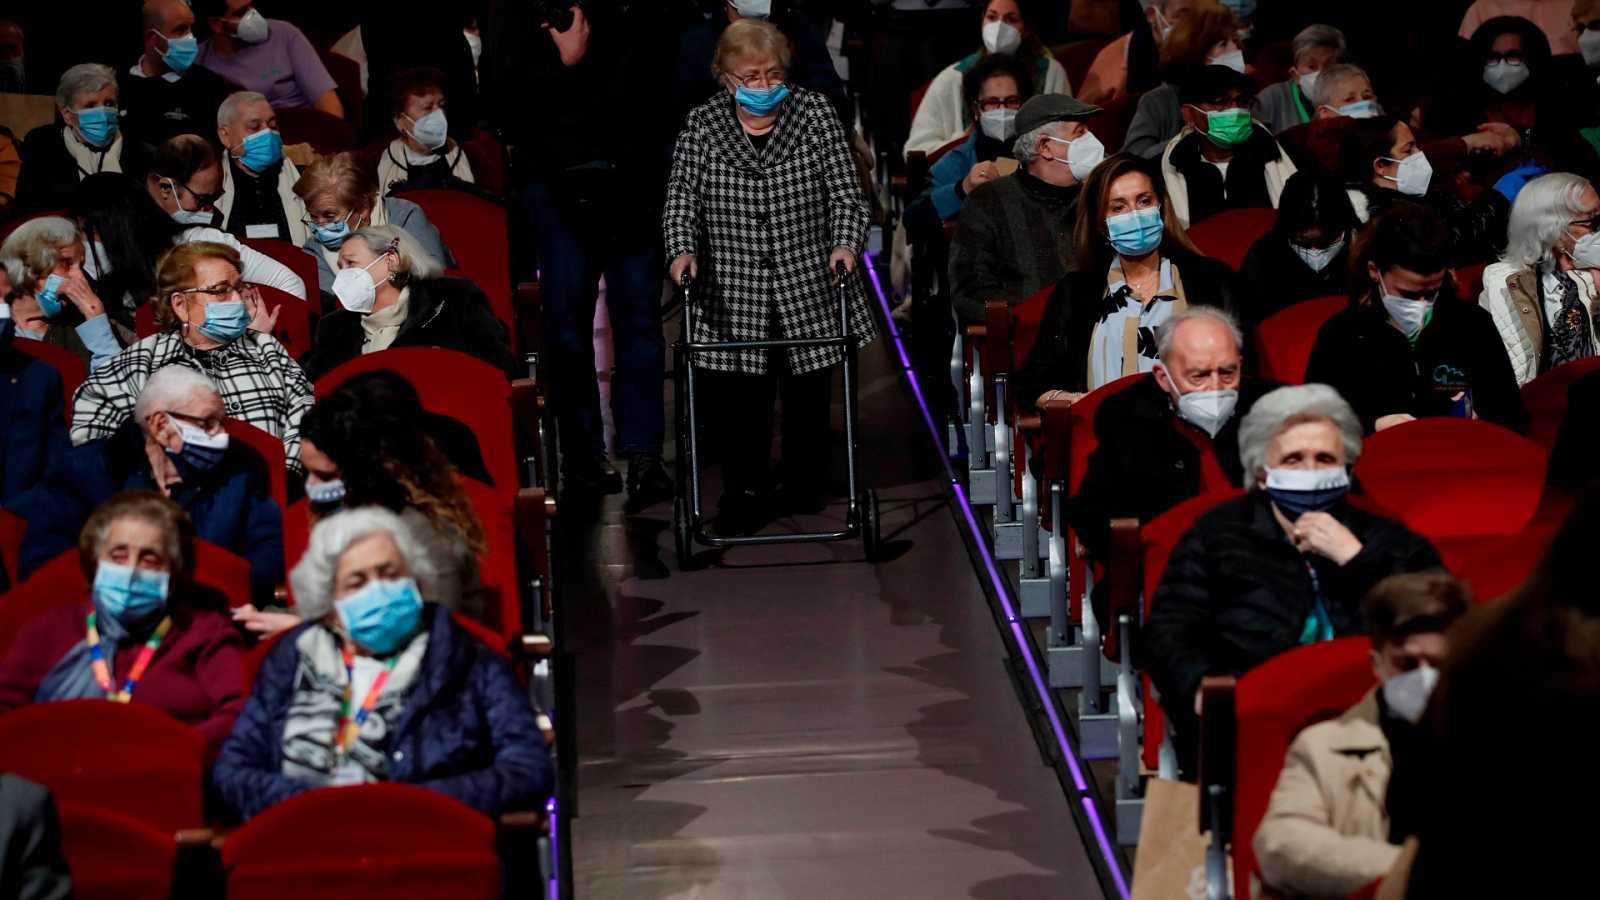 La normalidad tras la vacuna: 171 ancianos vuelven al teatro